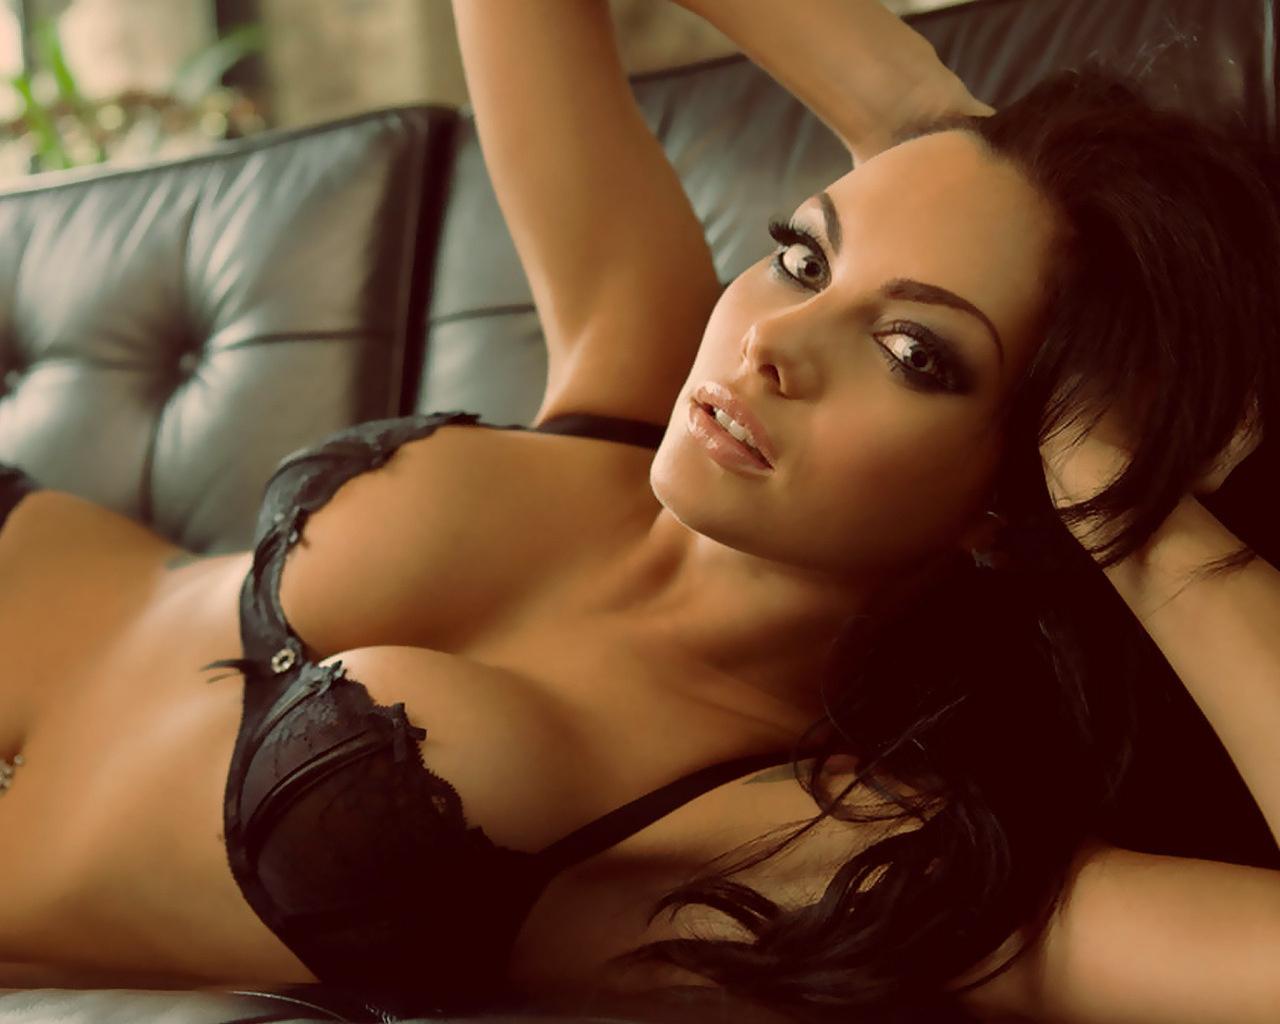 Красивая сексуальная грудь